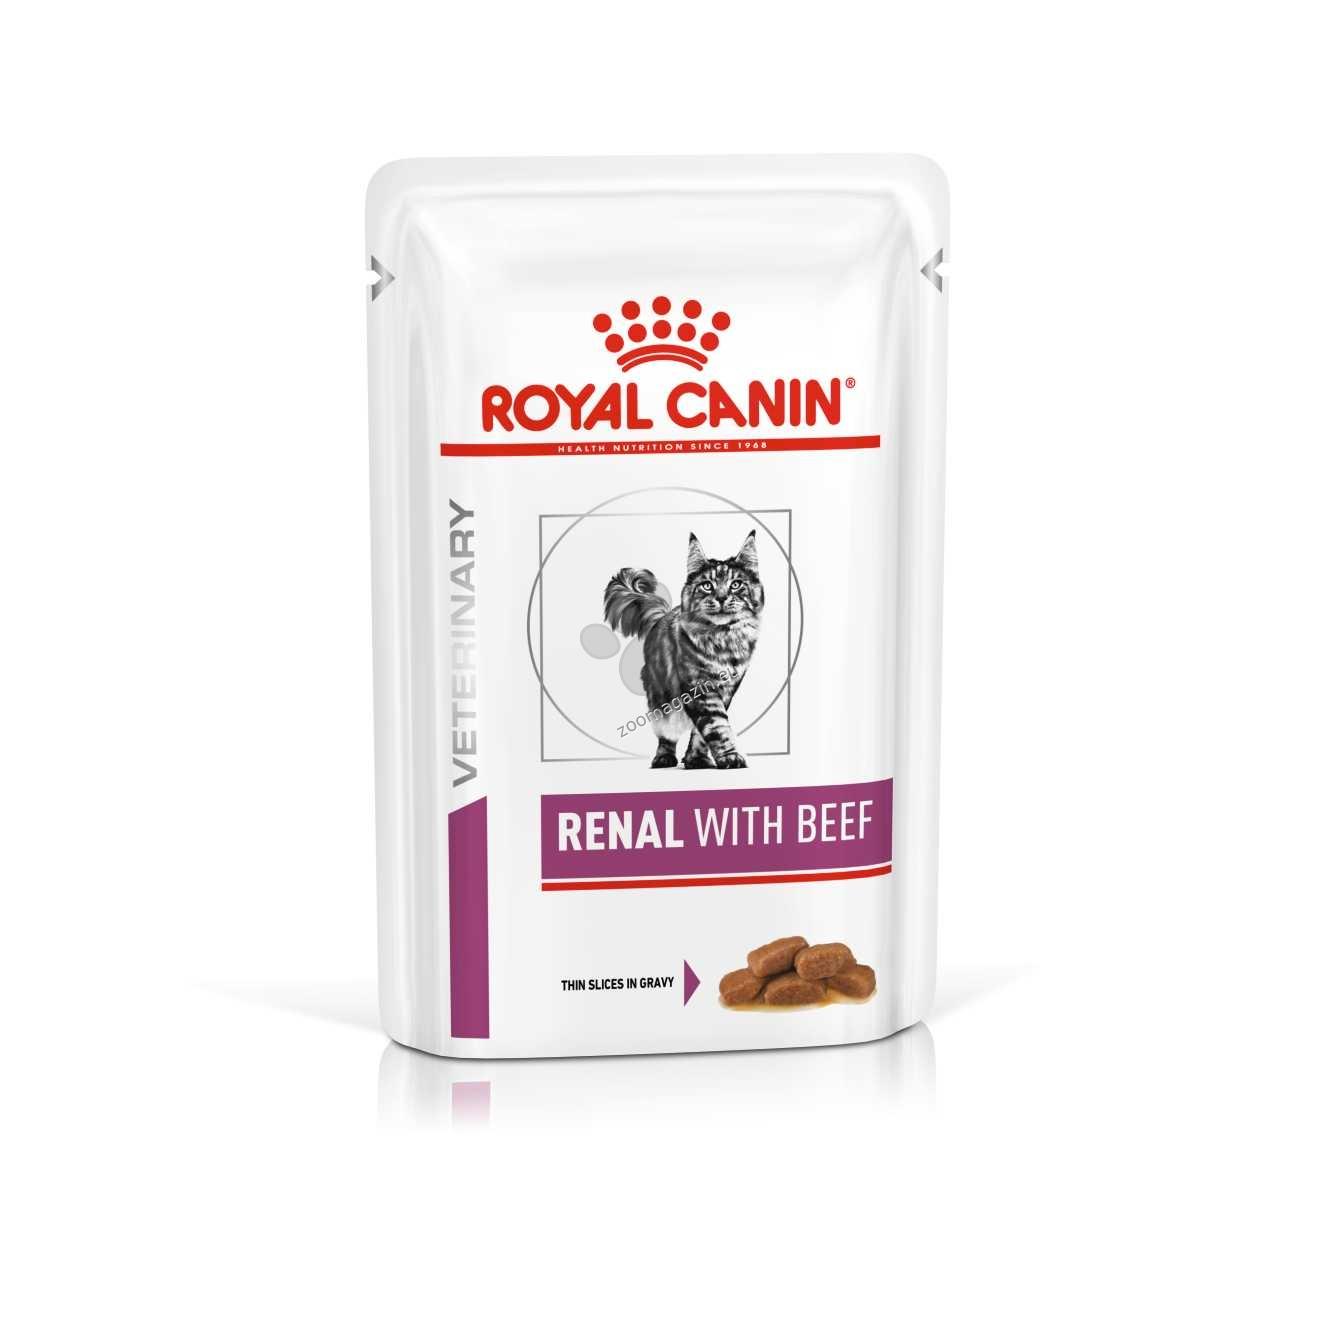 Royal Canin Renal Cat Beef  - лечебна храна за котки, формулирана в подкрепа на бъбречната функция в случай на хронична или временна бъбречна недостатъчност, чрез ограниченото си ниво на фосфор и висококачествените протеини 85 гр.